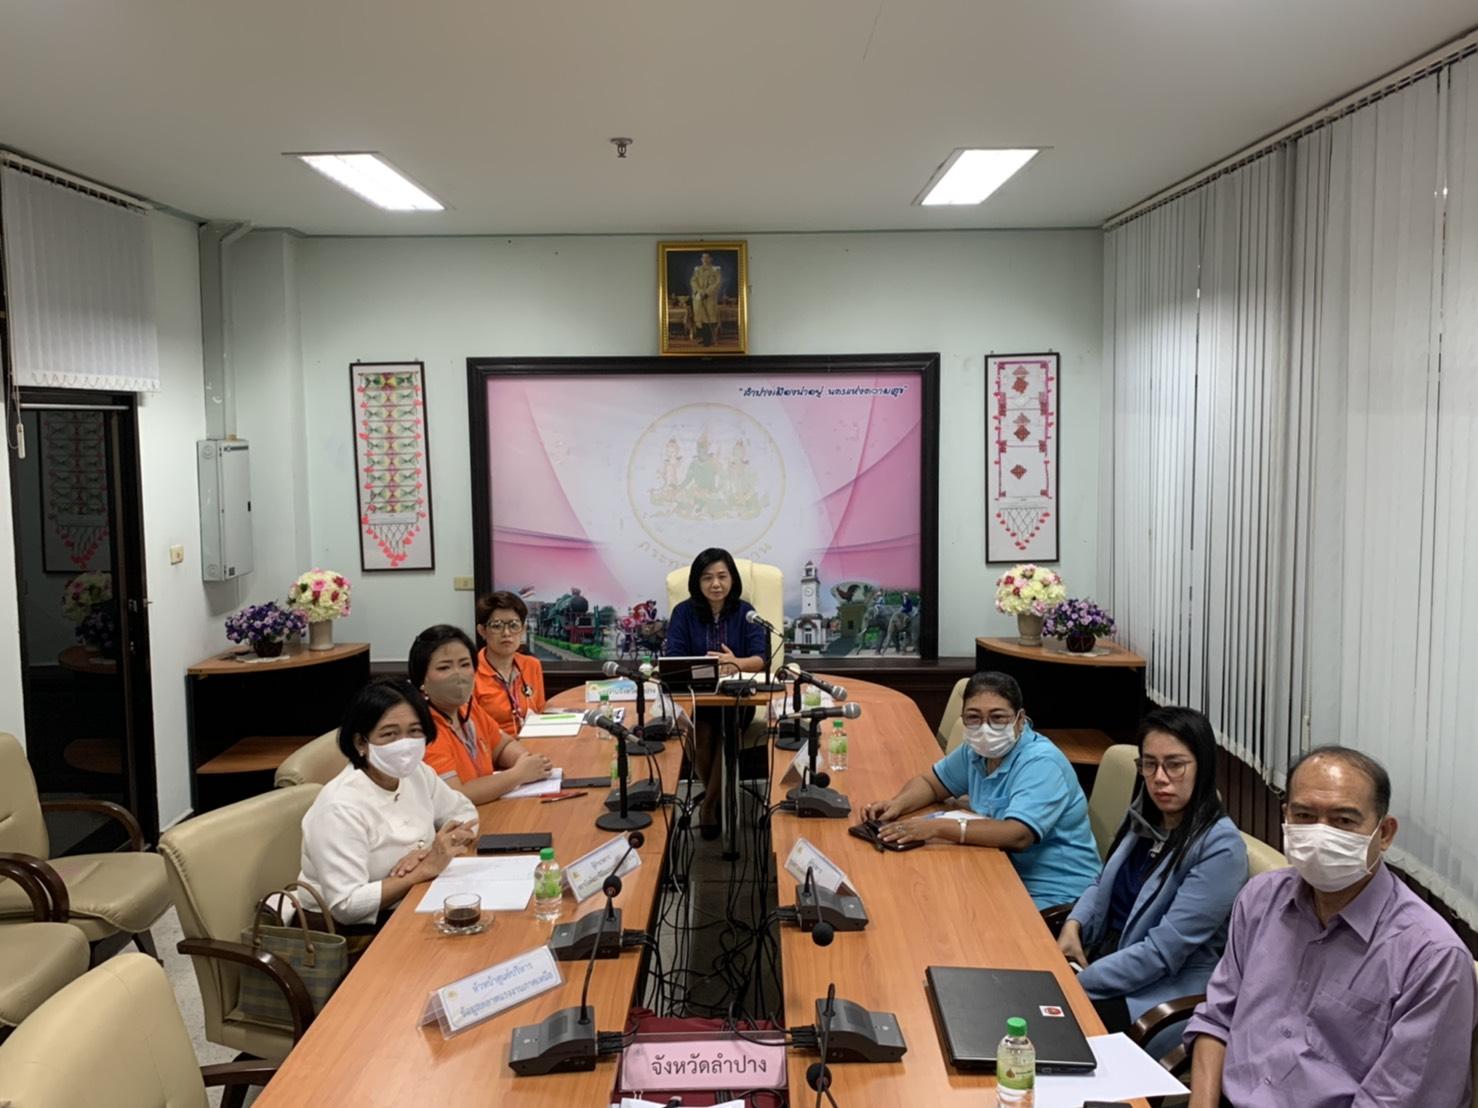 เข้าร่วมการประชุมผ่านระบบทางไกล (Video Conference) ซักซ้อมความเข้าใจในการประชาสัมพันธ์